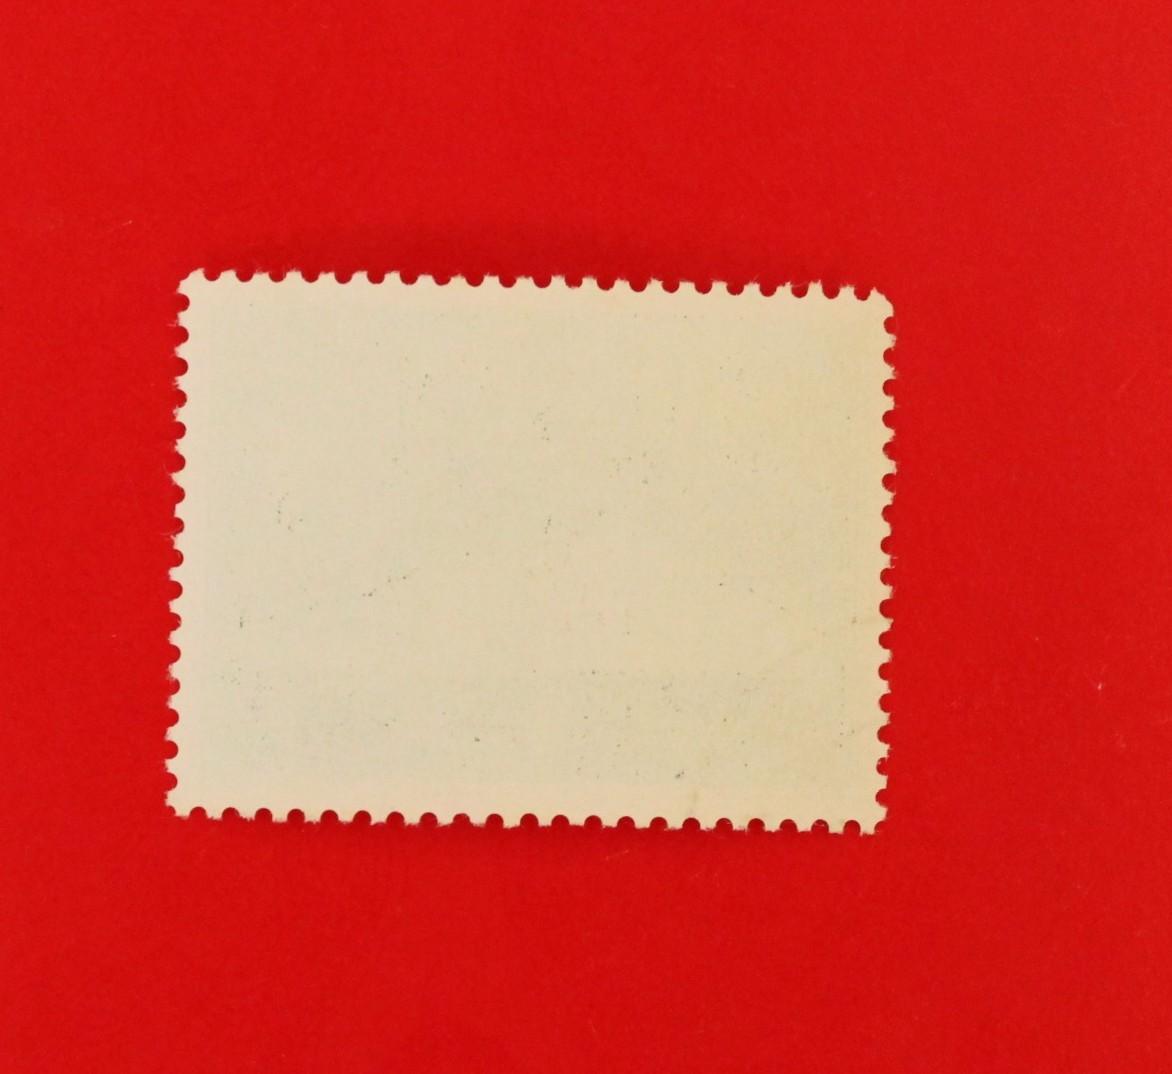 中国切手 紀65 中国・スロバキア郵電技術協力 1種完★消印あり_画像2